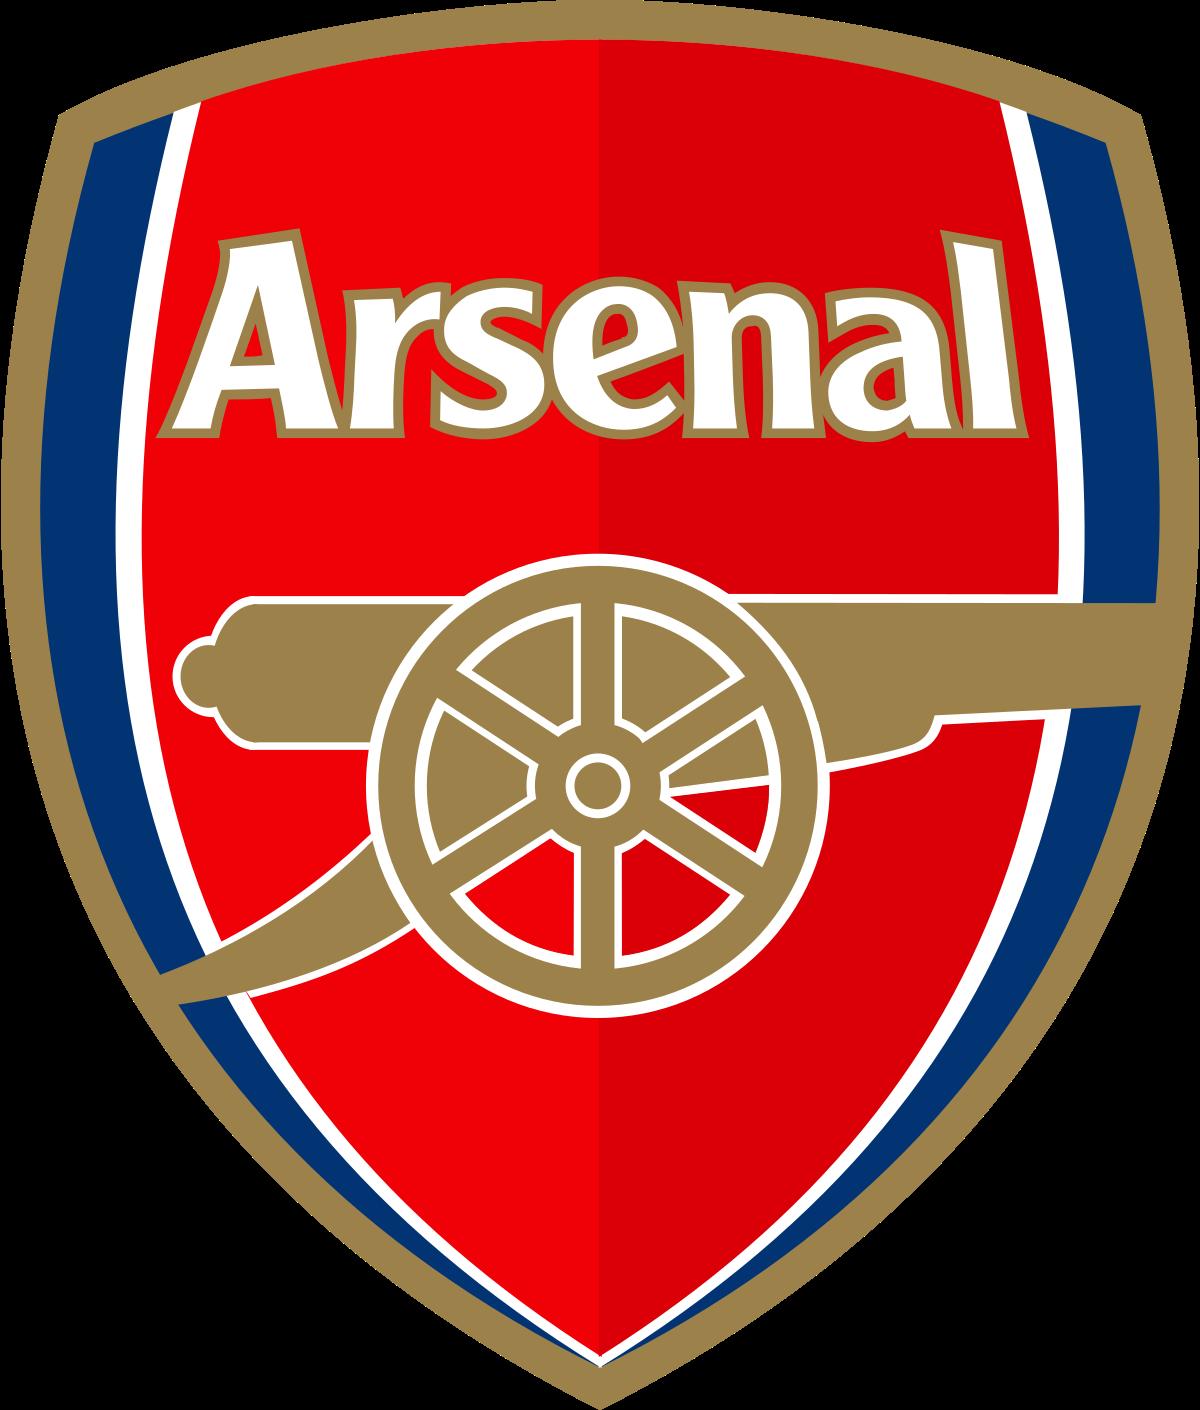 قائمة لاعبي أرسنال في الدوري الإنجليزي